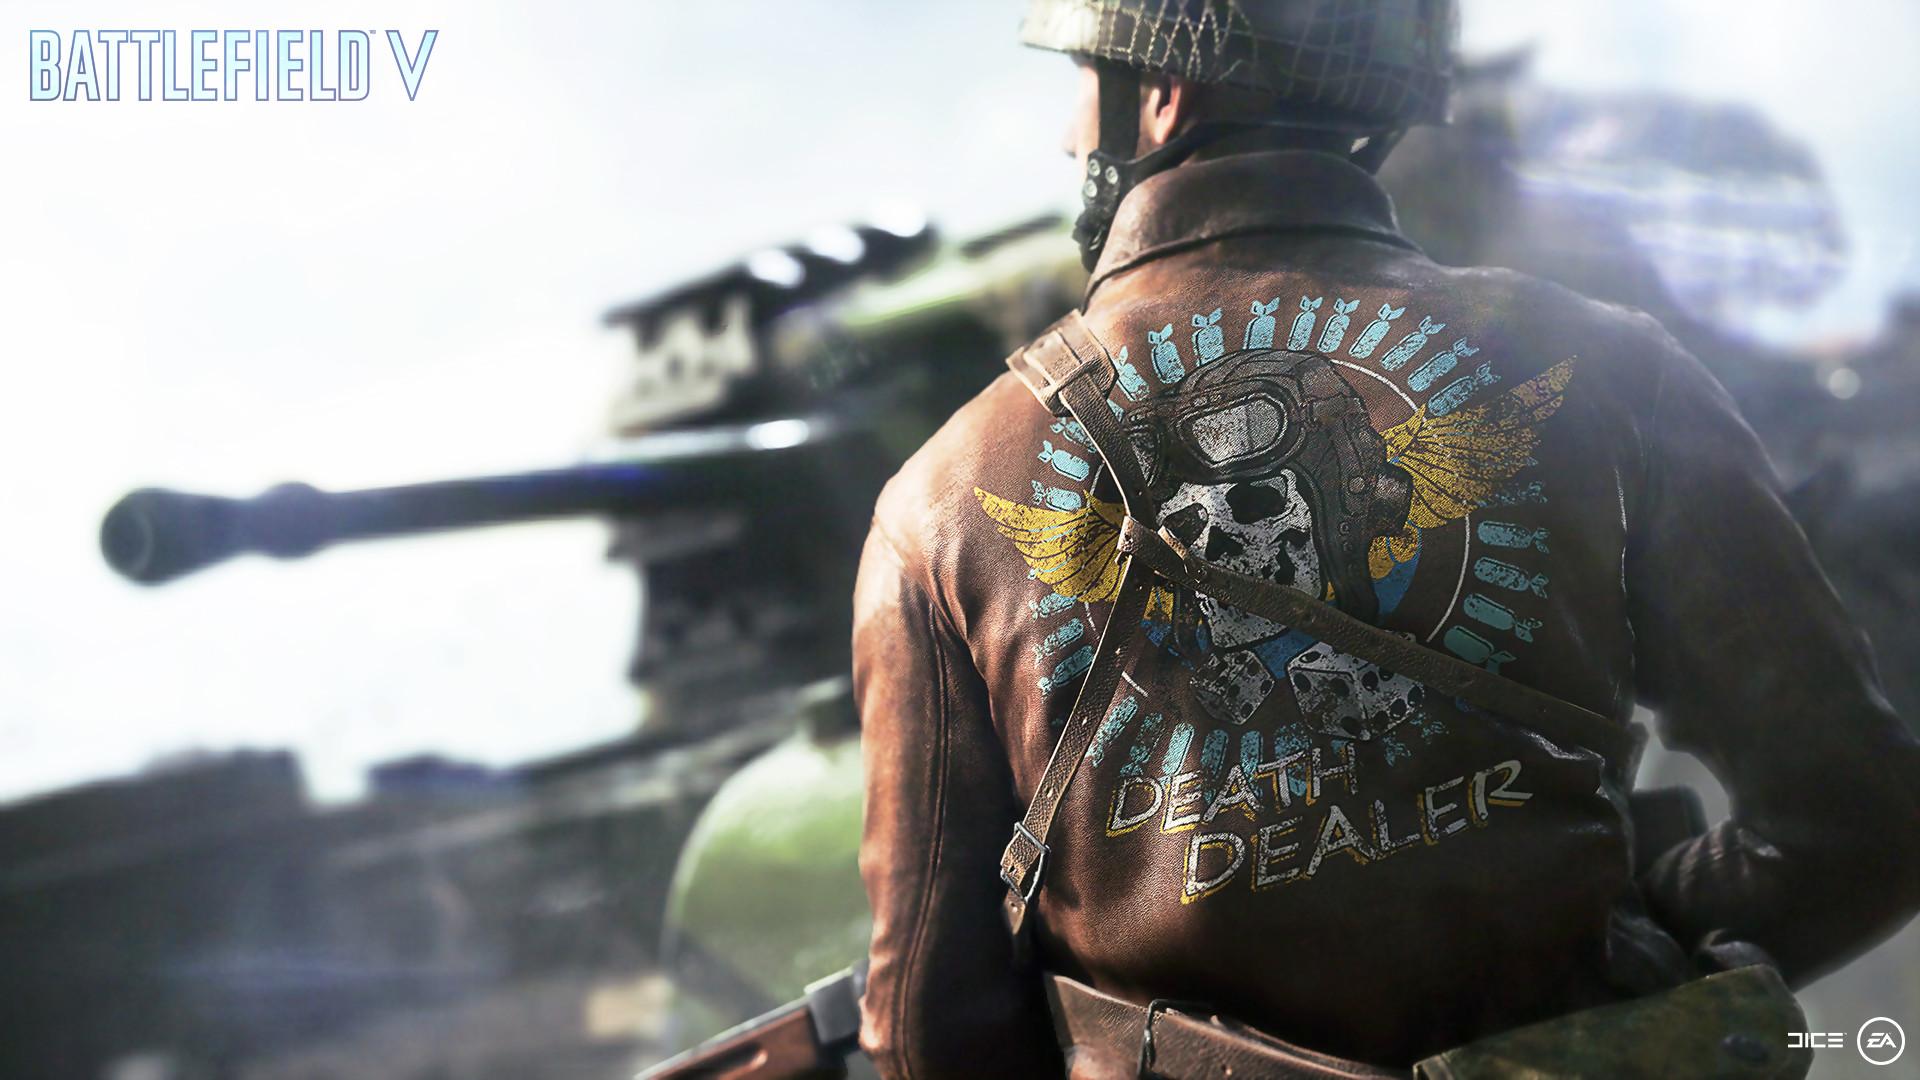 Battlefield V - Death Dealer